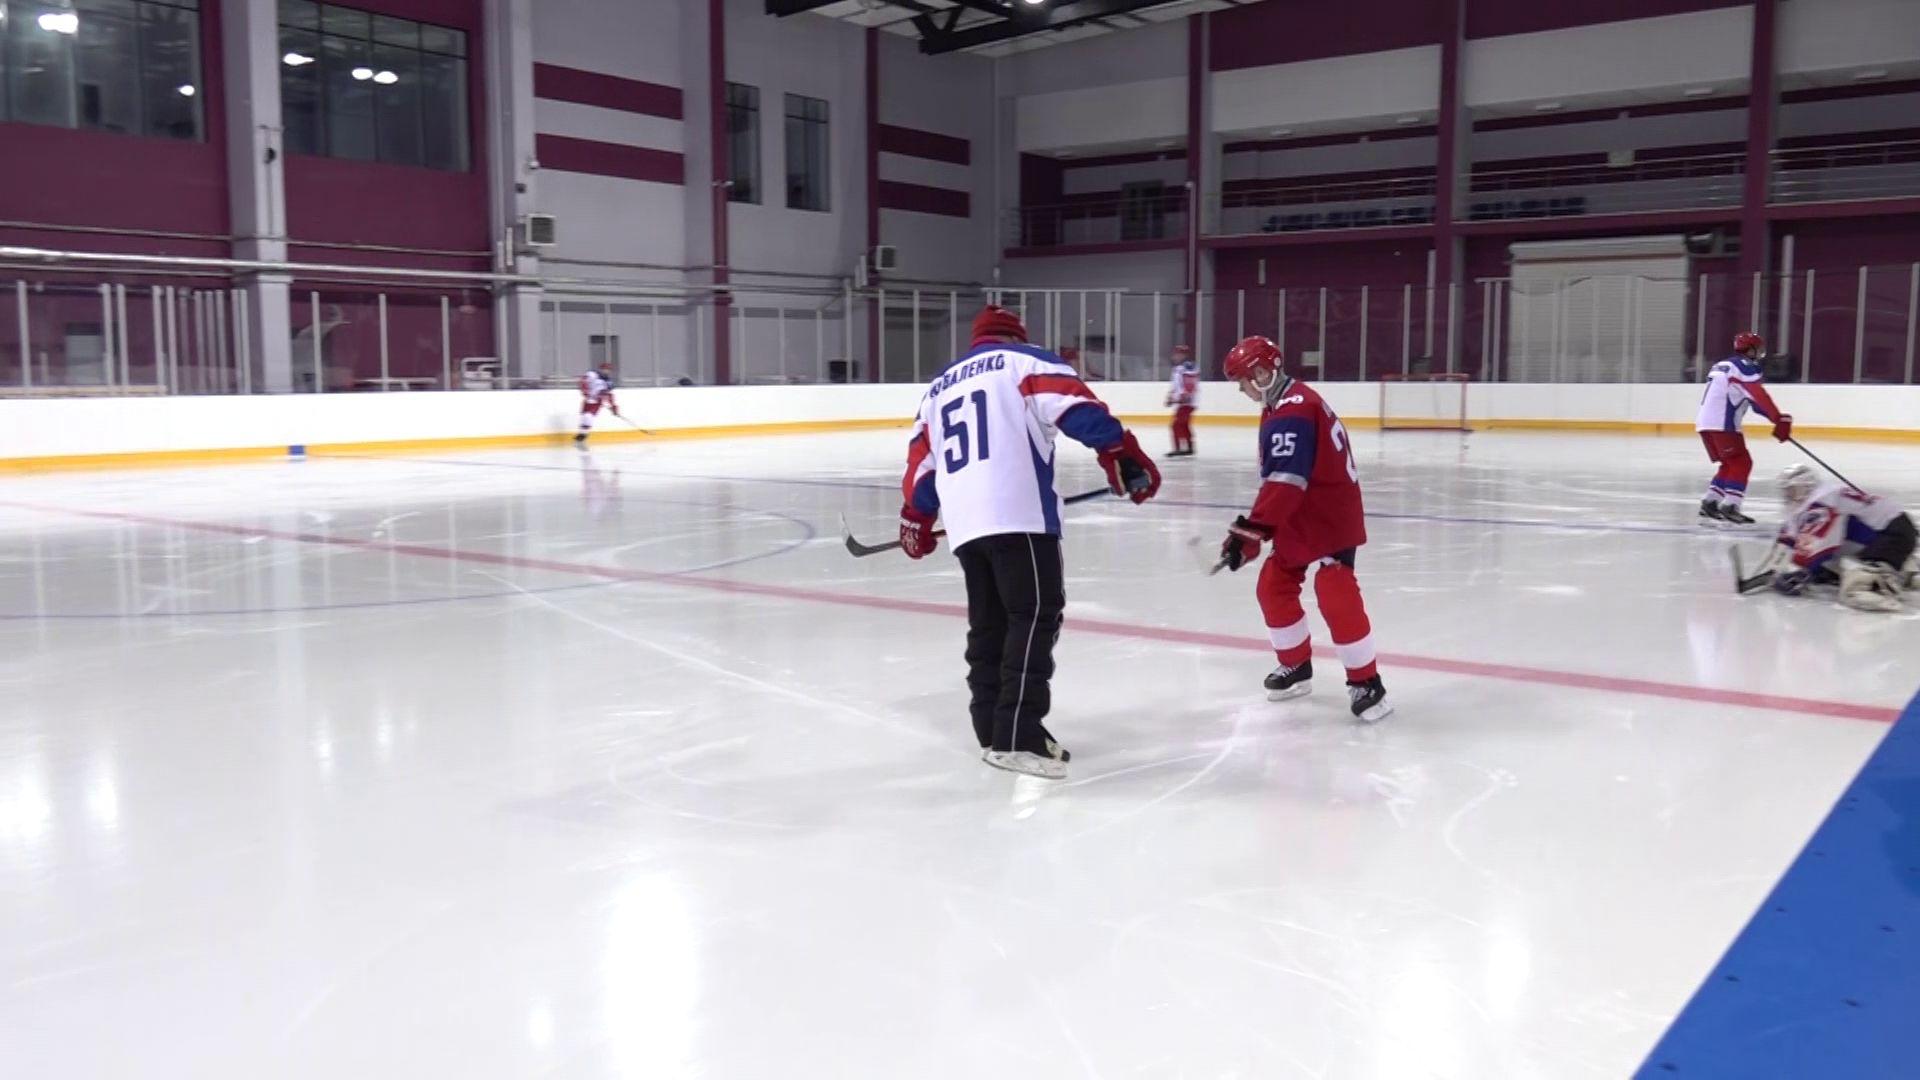 Рыбинец тренировался вместе с олимпийским чемпионом Андреем Коваленко